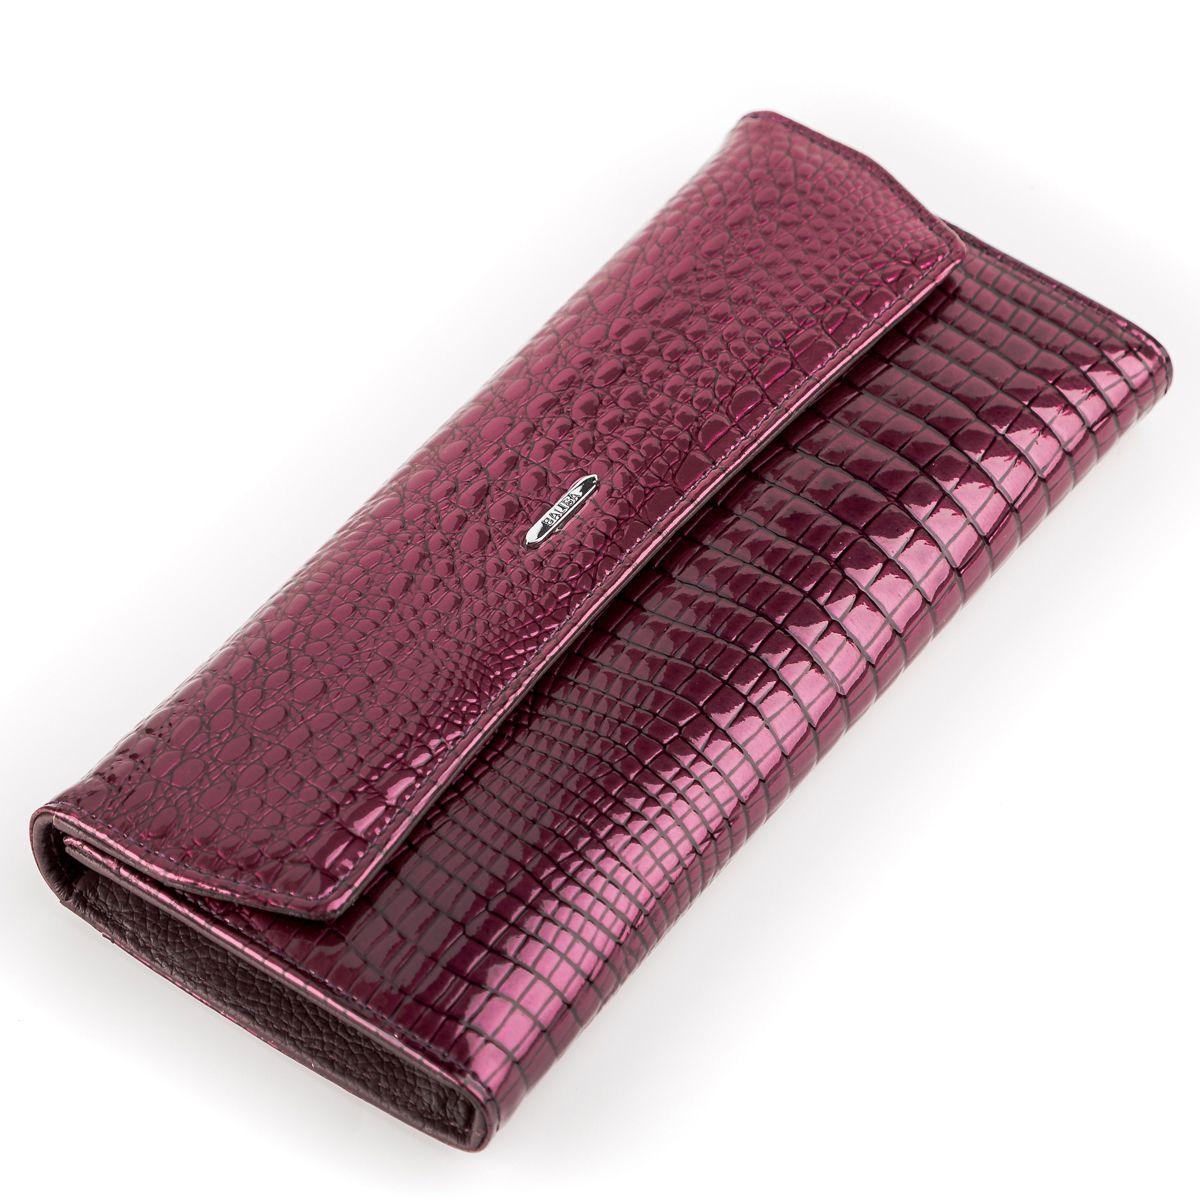 0ae517ebd201 Кошелек женский BALISA 13863 кожаный Фиолетовый, Фиолетовый - SUPERSUMKA интернет  магазин в Киеве